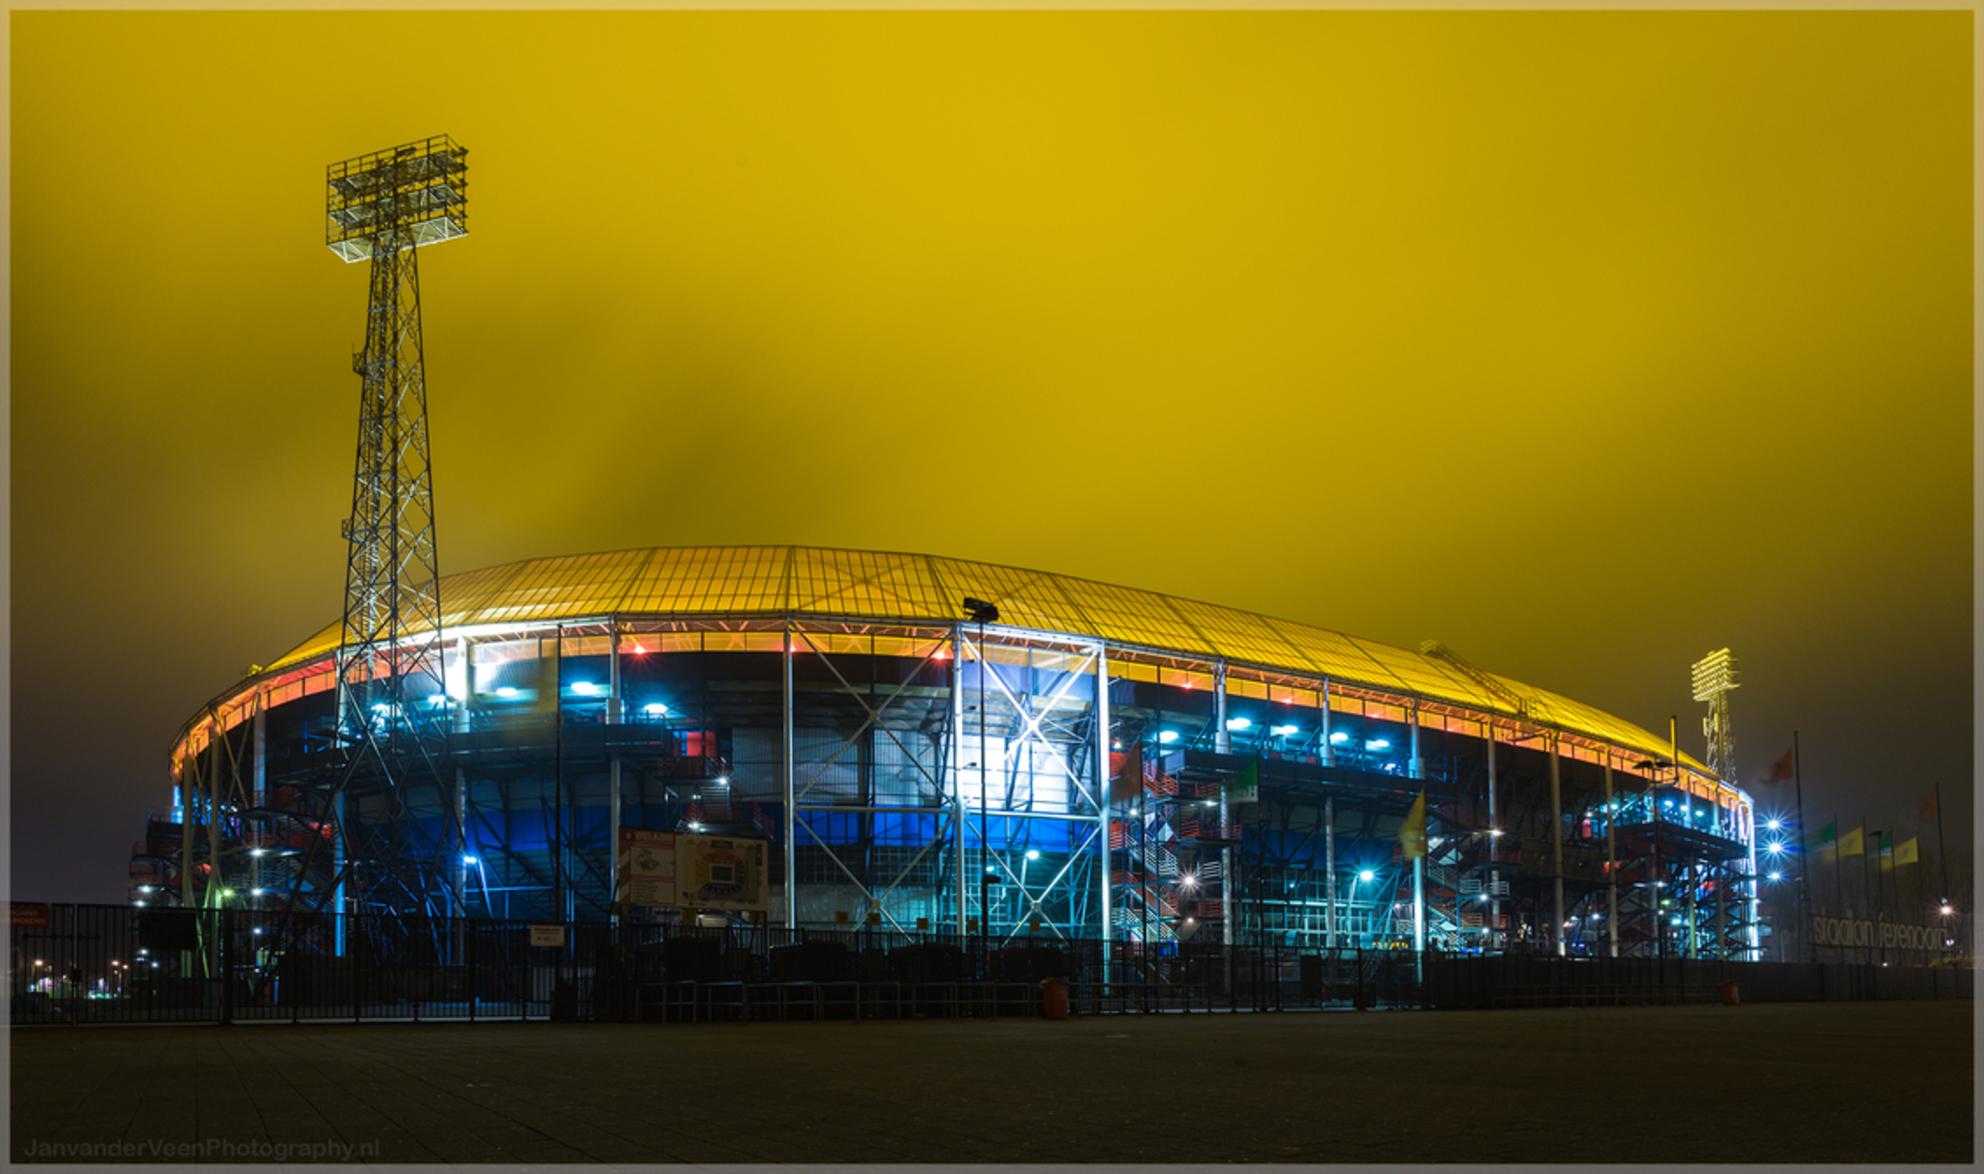 Feyenoord Rotterdam - Het geel is echt schijnen lampen te zijn voor het gras niets aan bewerkt - foto door JanvanderveenPhotography op 31-12-2016 - deze foto bevat: lucht, water, rotterdam, sport, geel, licht, avond, architectuur, gebouw, stad, voetbal, nacht, perspectief, nederland, verlaten, feyenoord, stadion, zuid-holland, lange sluitertijd